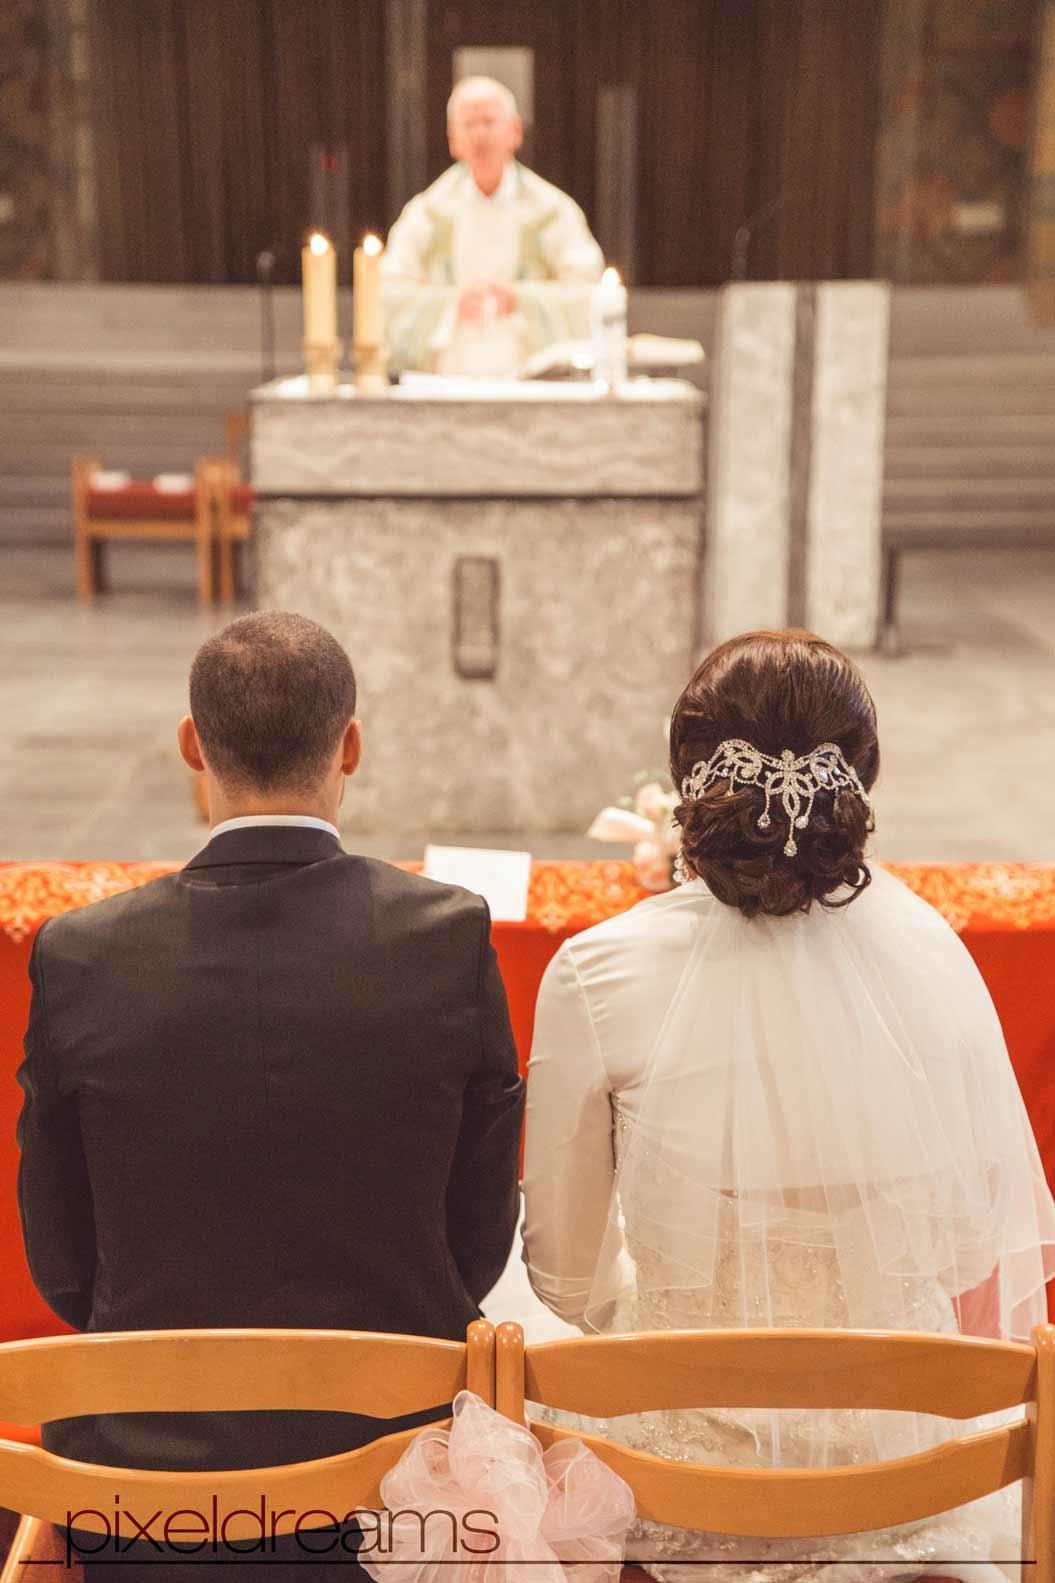 kirchliche trauung in der kirche, der braut und dem bräutigam, vor dem pastor, priester, pfarrer